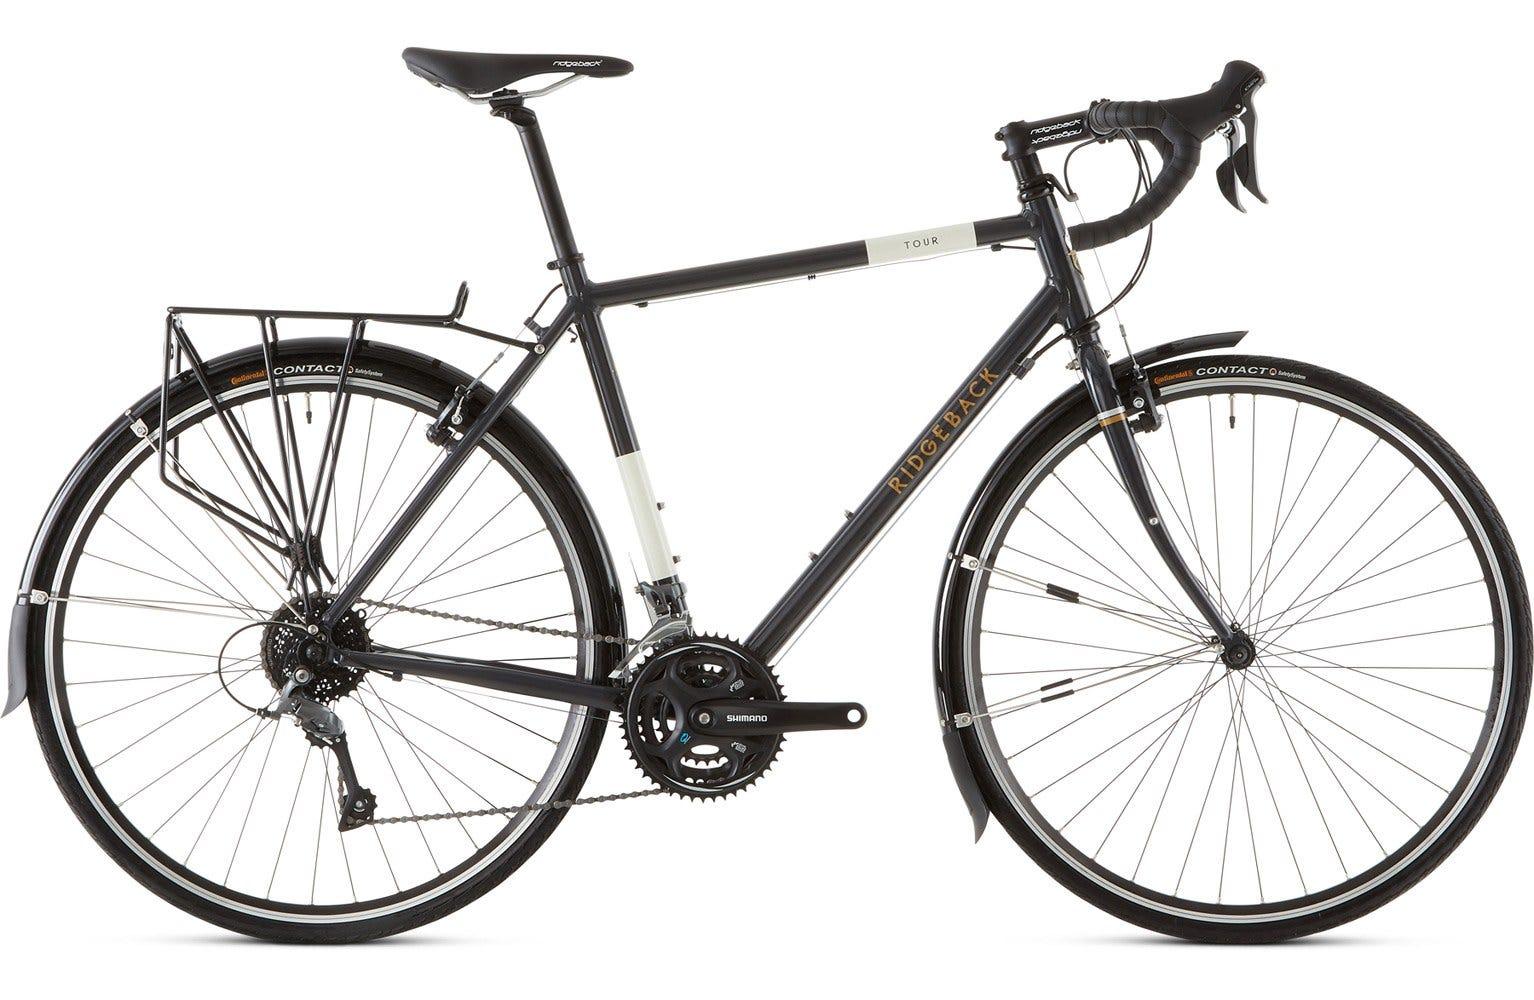 Ridgeback Tour bike 2019